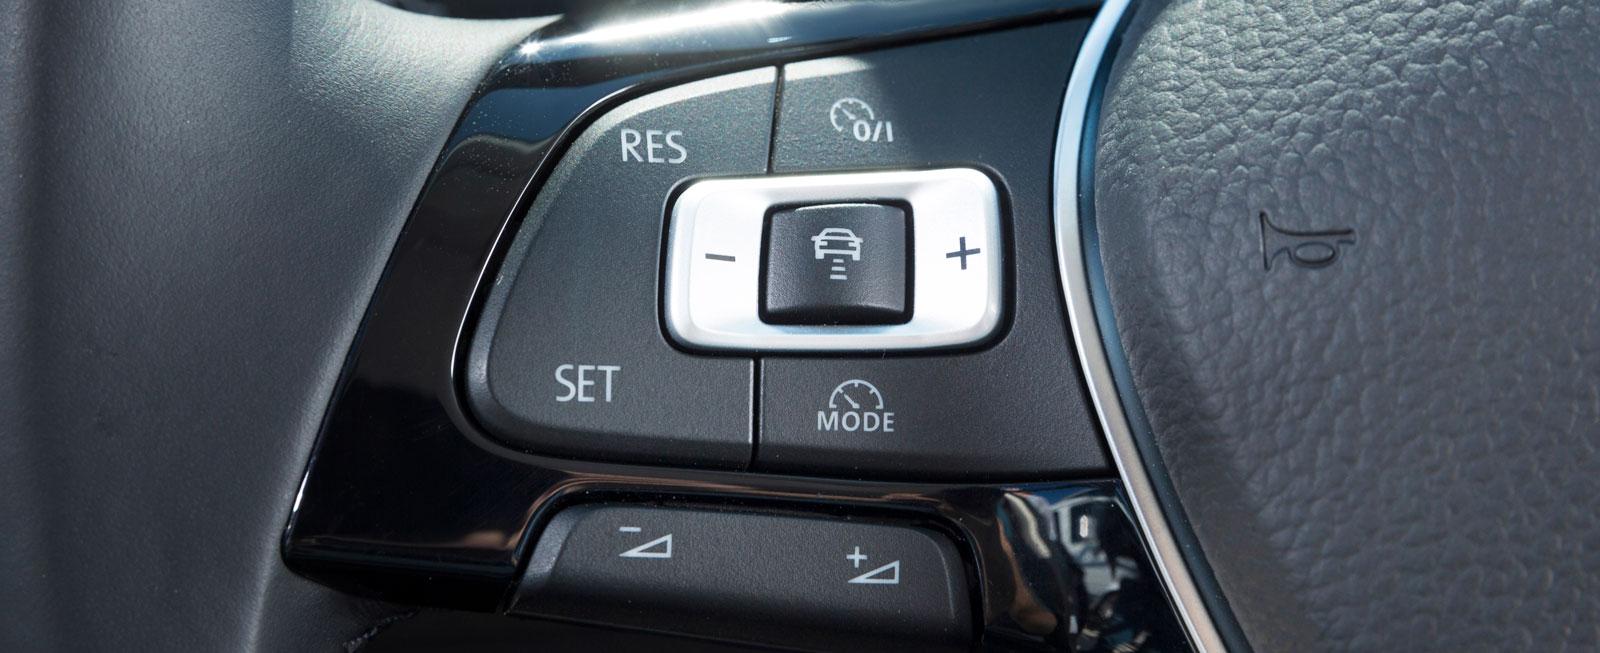 Den adaptiva farthållaren, som är standard, manövreras med en logisk uppsättning knappar till vänster på ratten.